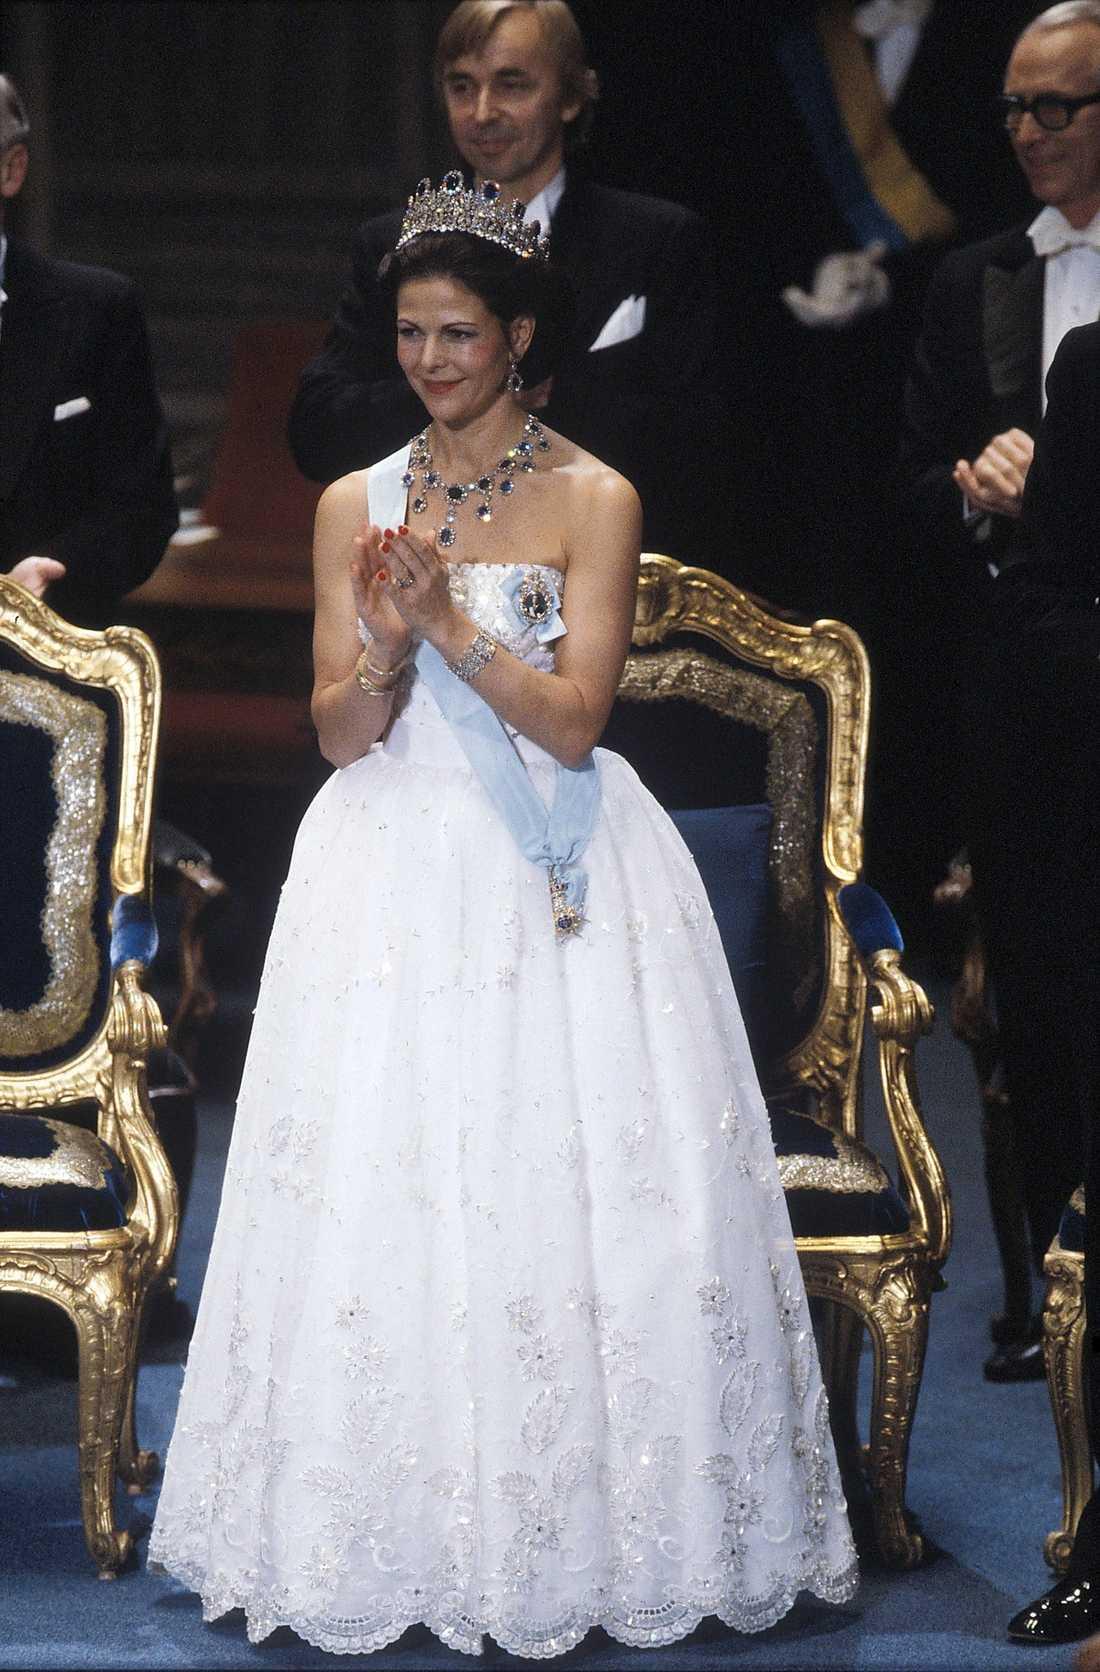 1984 klädde sig Silvia i något som kanske bäst beskrivs som en brudklänning, men OJ så vackert det var. Dansk design av Jorgen Bender.